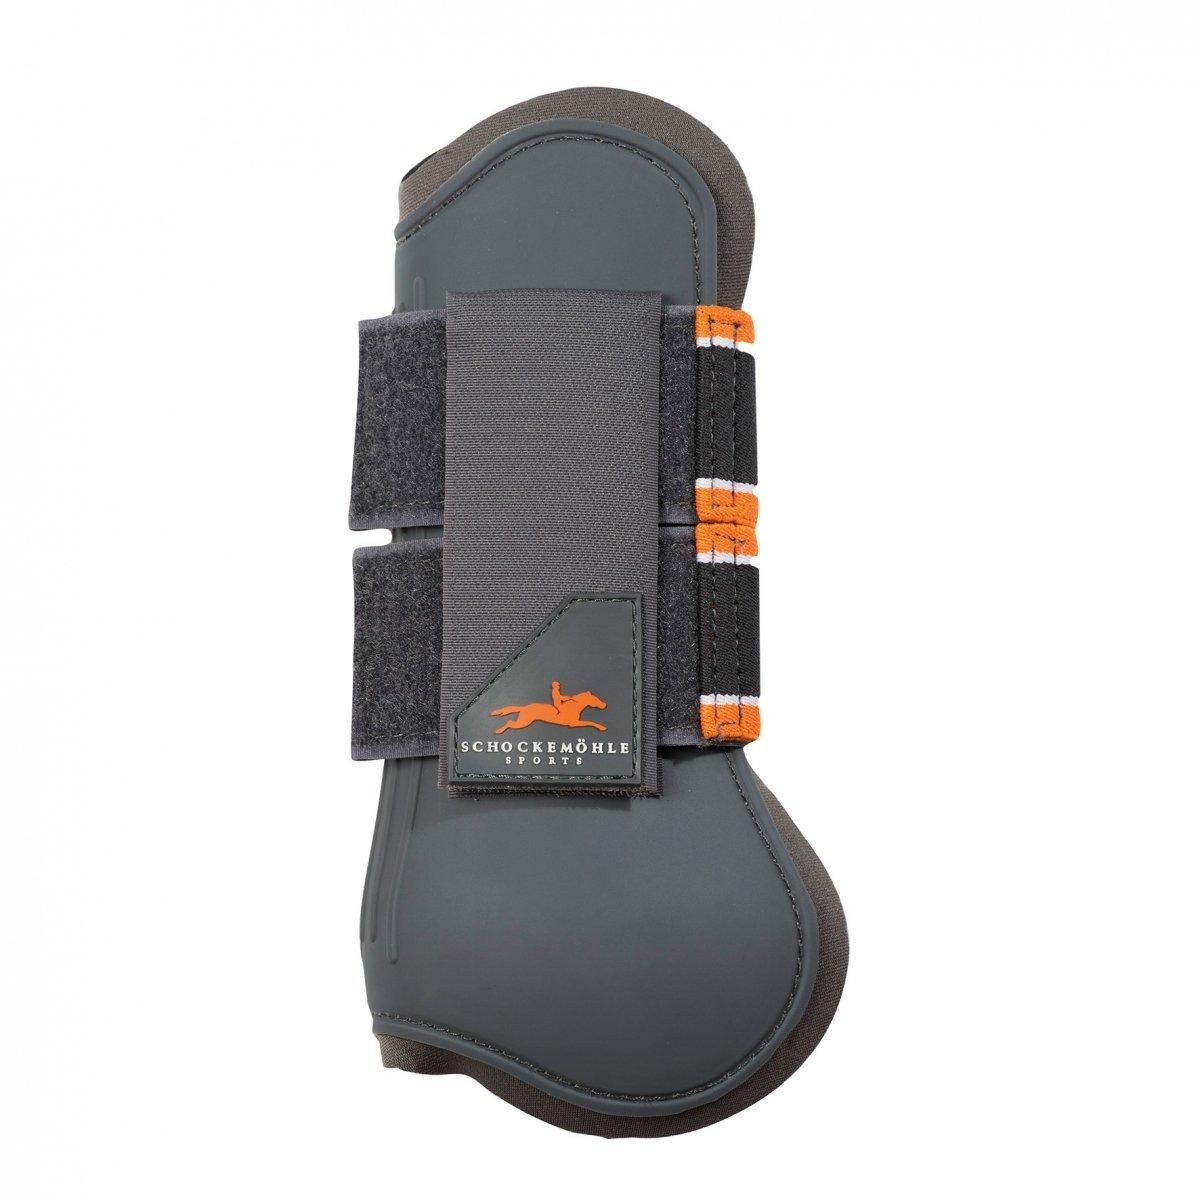 Ochraniacze skokowe JUMP GUARDS przód - Schockemohle - grey/orange